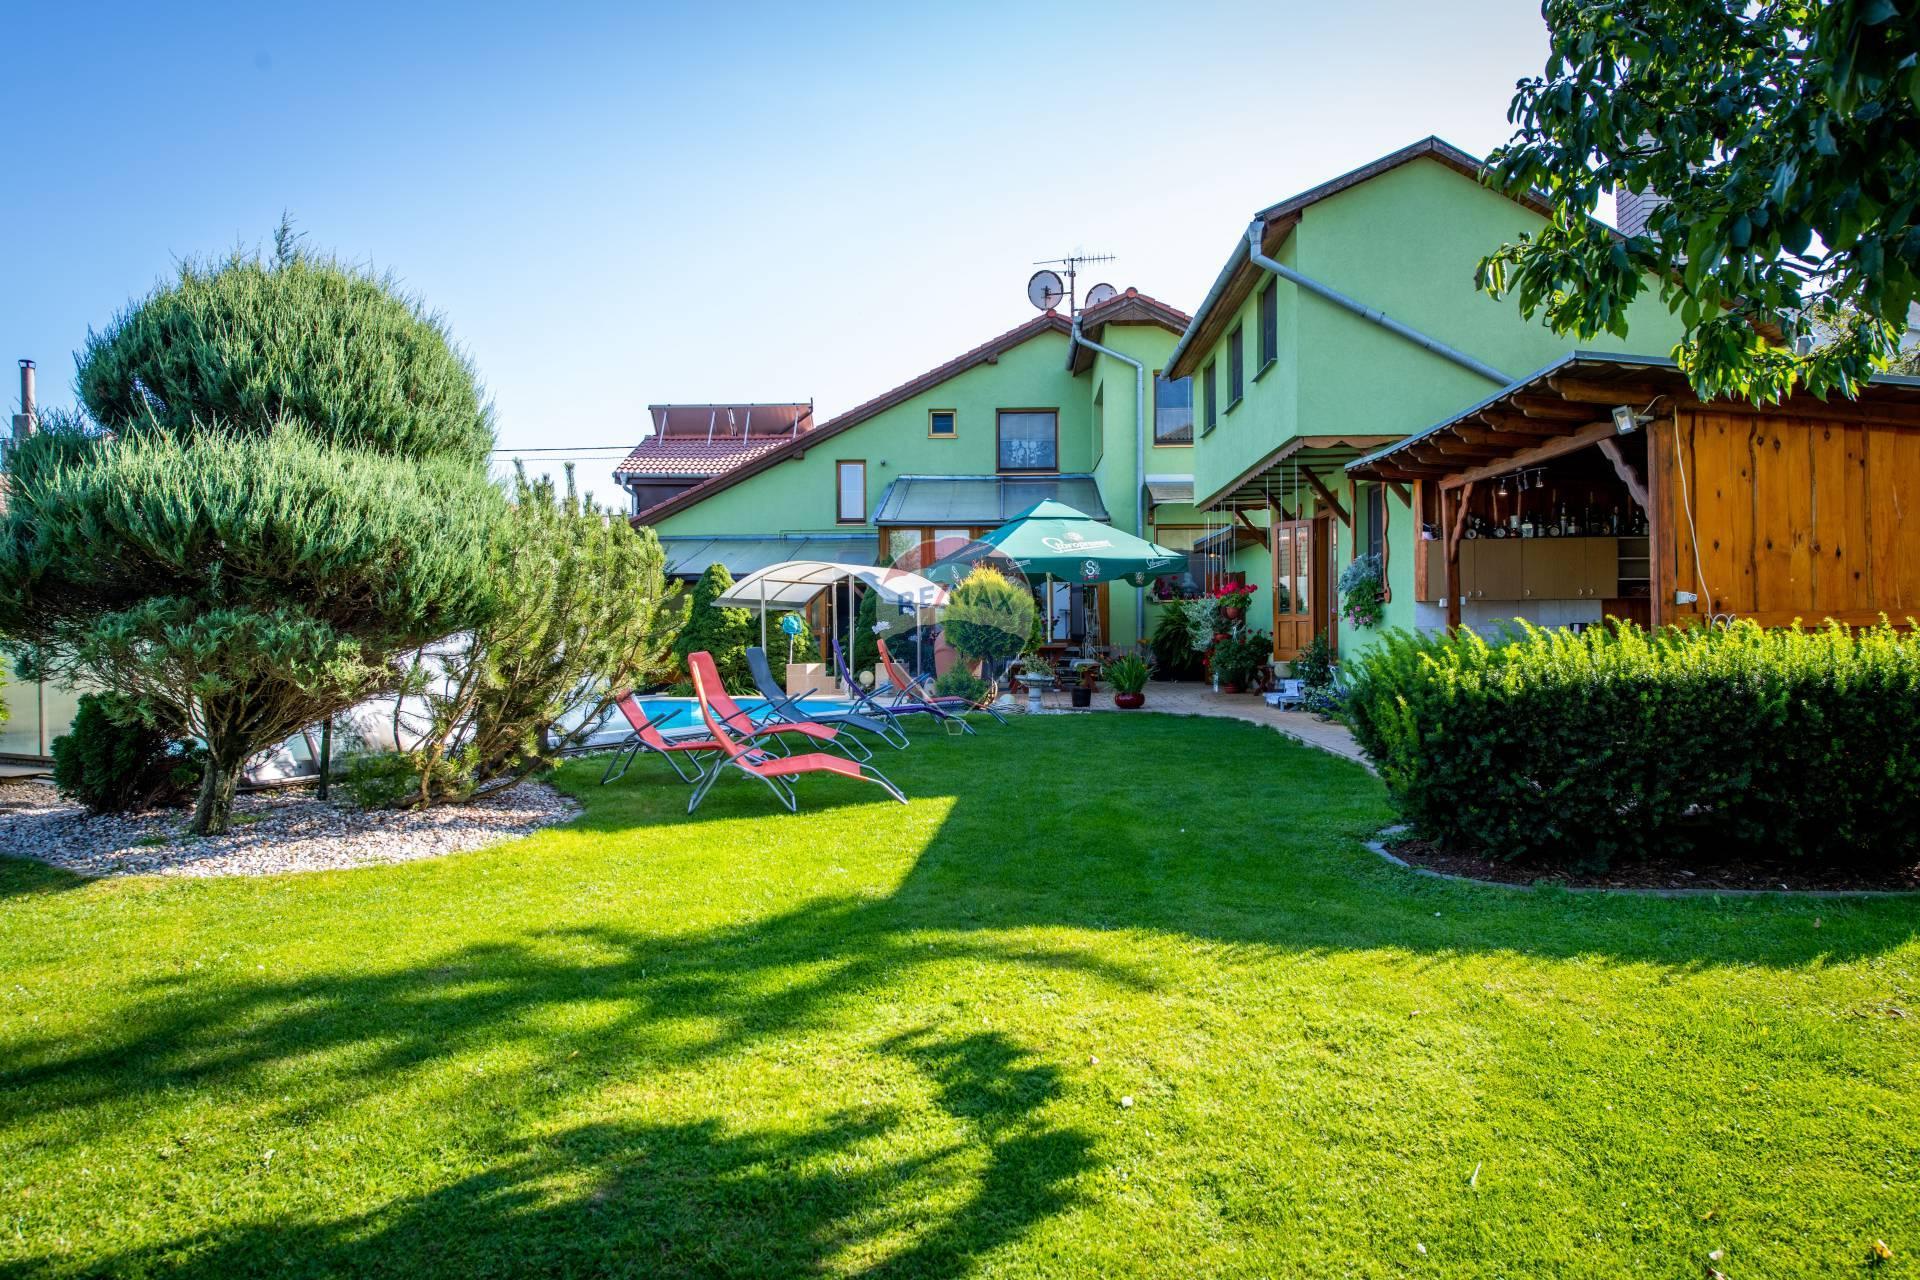 Predaj domu 319 m2, Smižany - Predaj, rodinný dom, bazén, Smižany, Ul. Tomášovská,